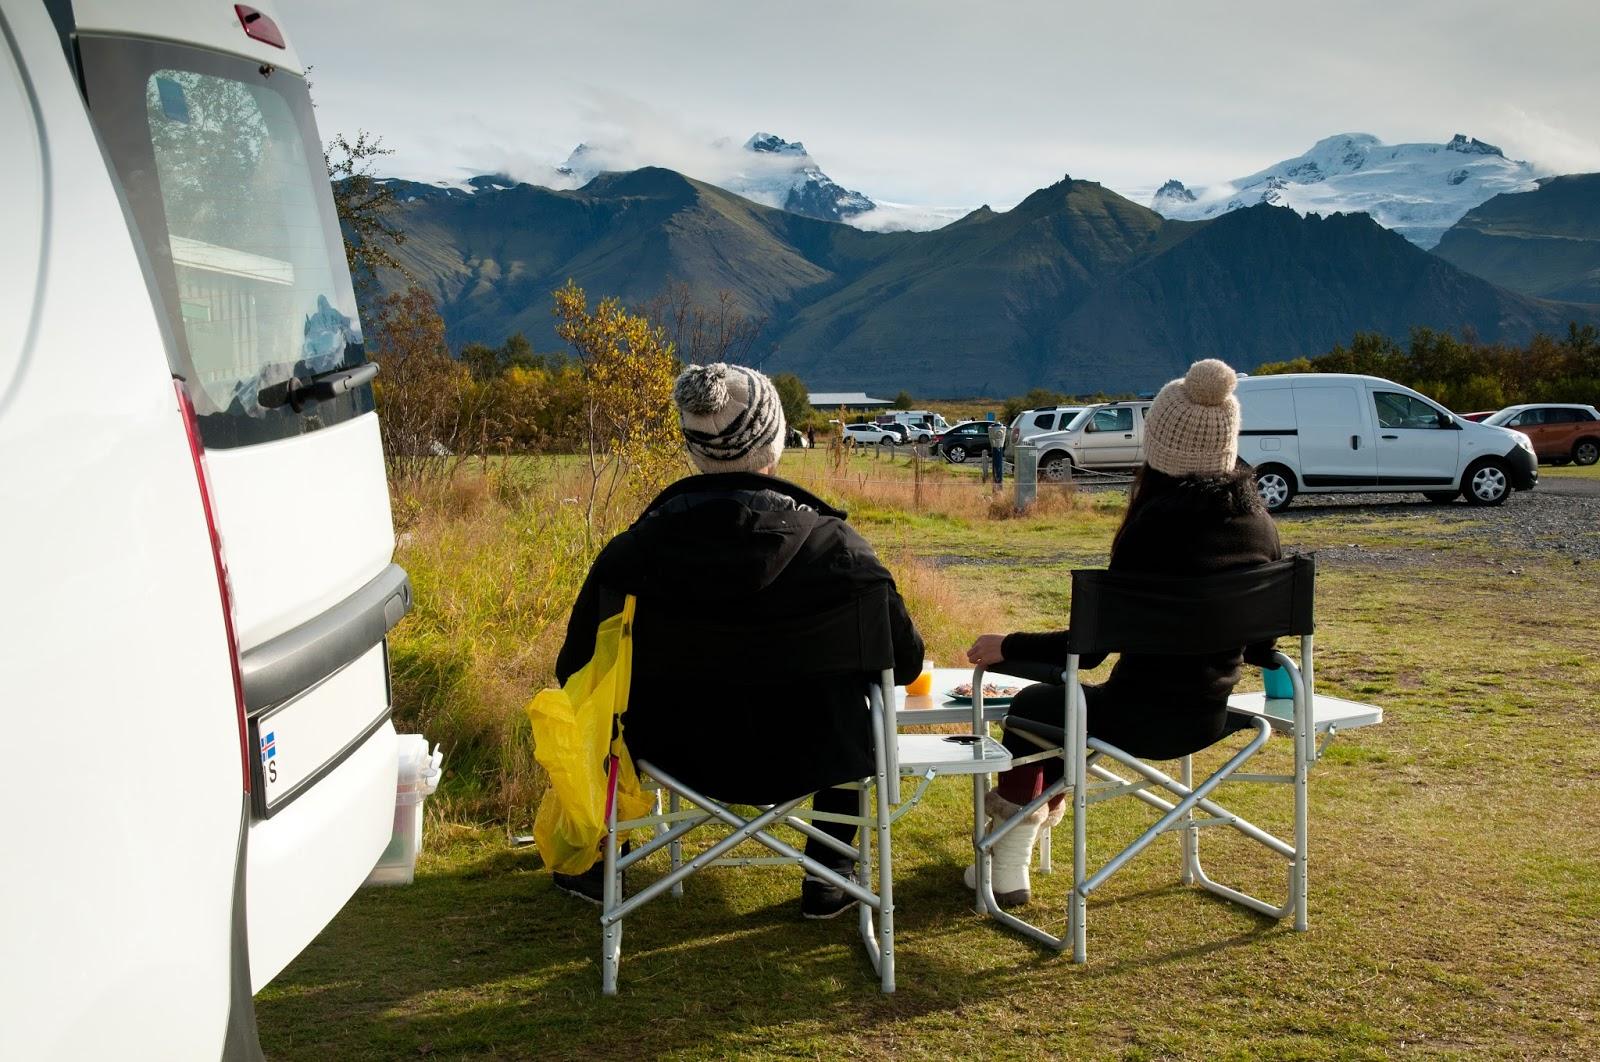 islandia 24 - noticias y viajes a islandia -: acampar en islandia